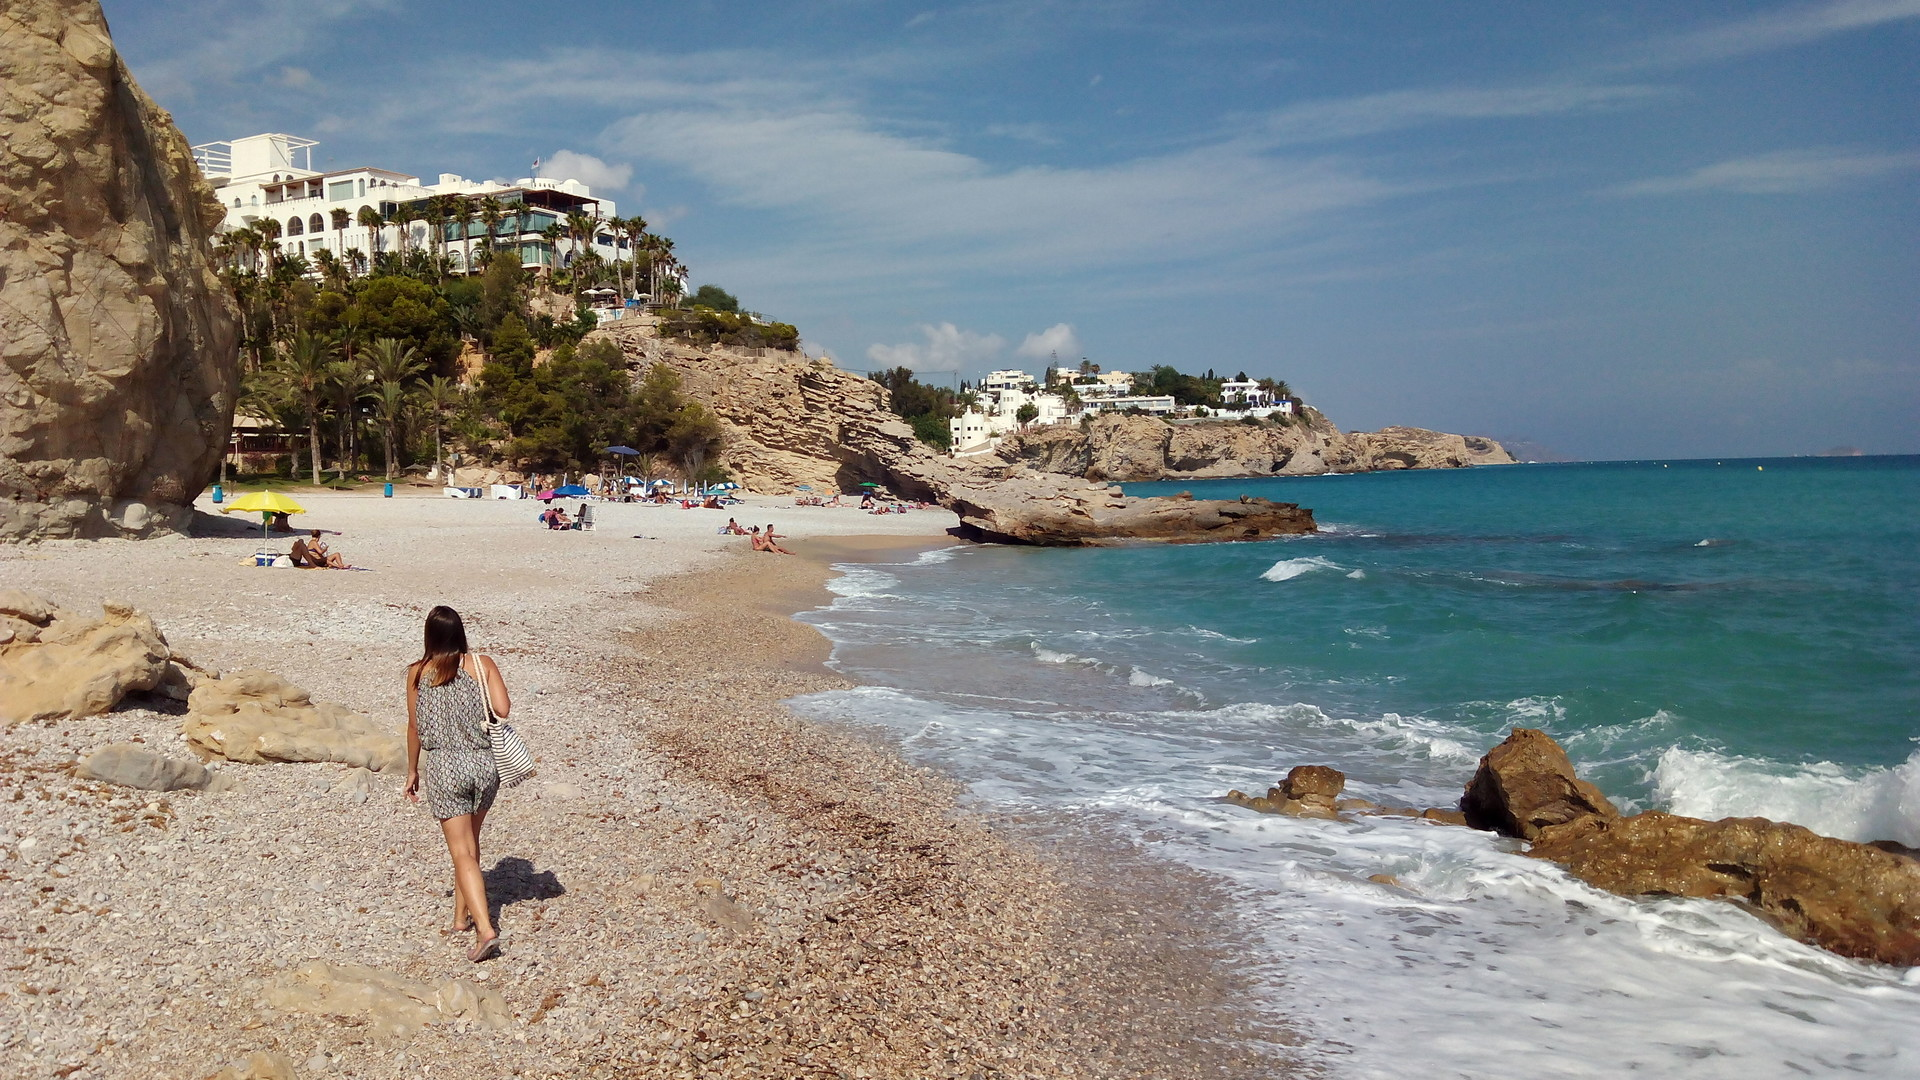 playas-desconocidas-alicante-c3235f9eaef